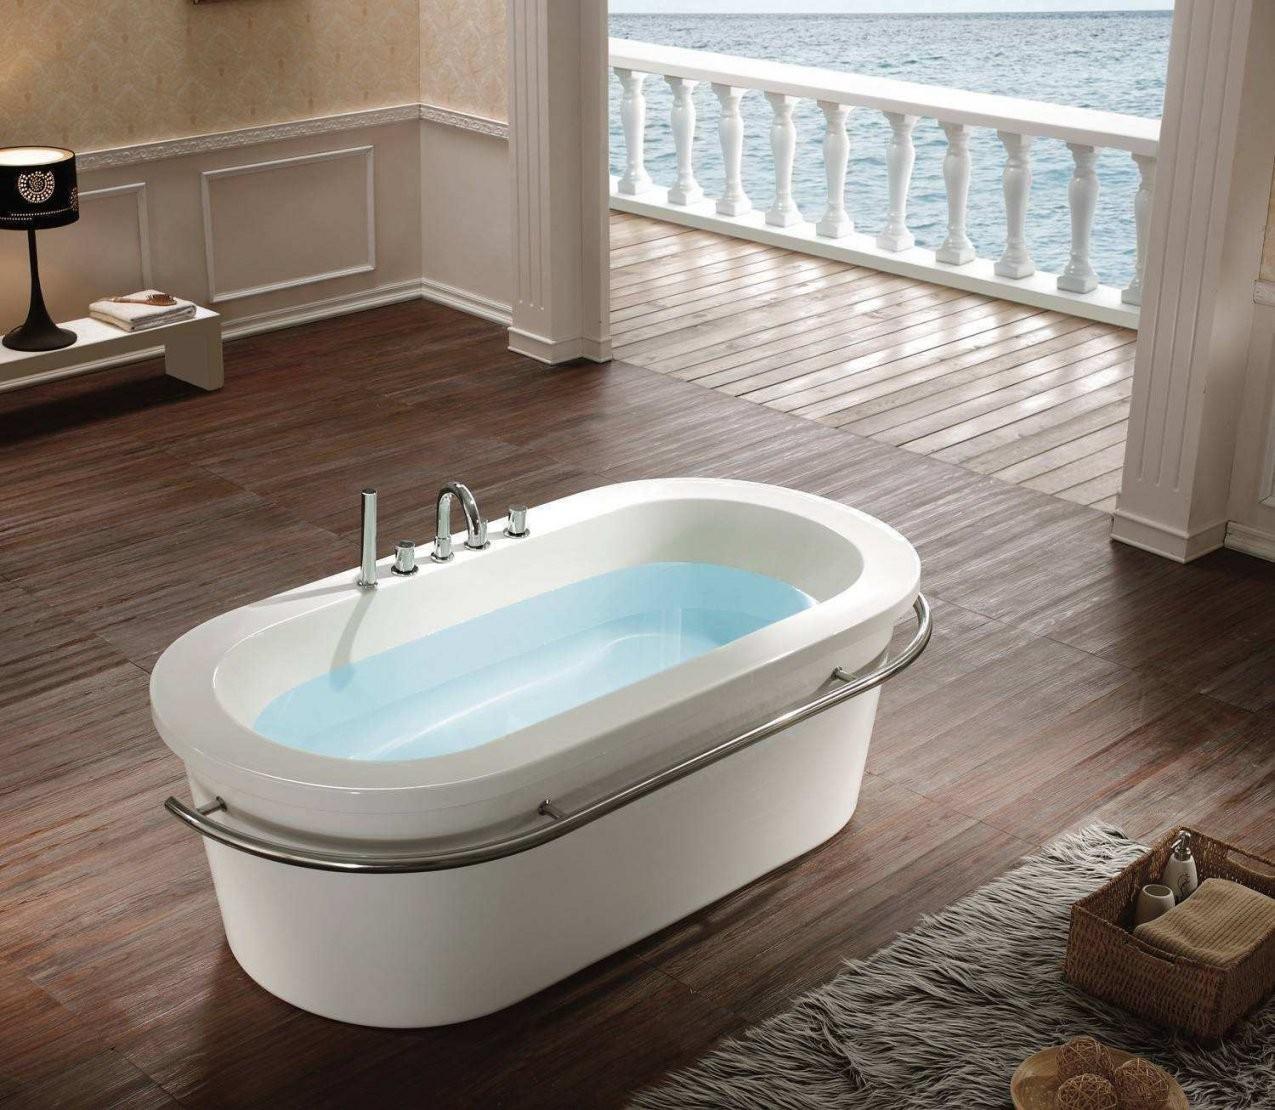 Badewanne Freistehend Günstig  Badezimmer von Freistehende Badewanne Günstig Kaufen Bild